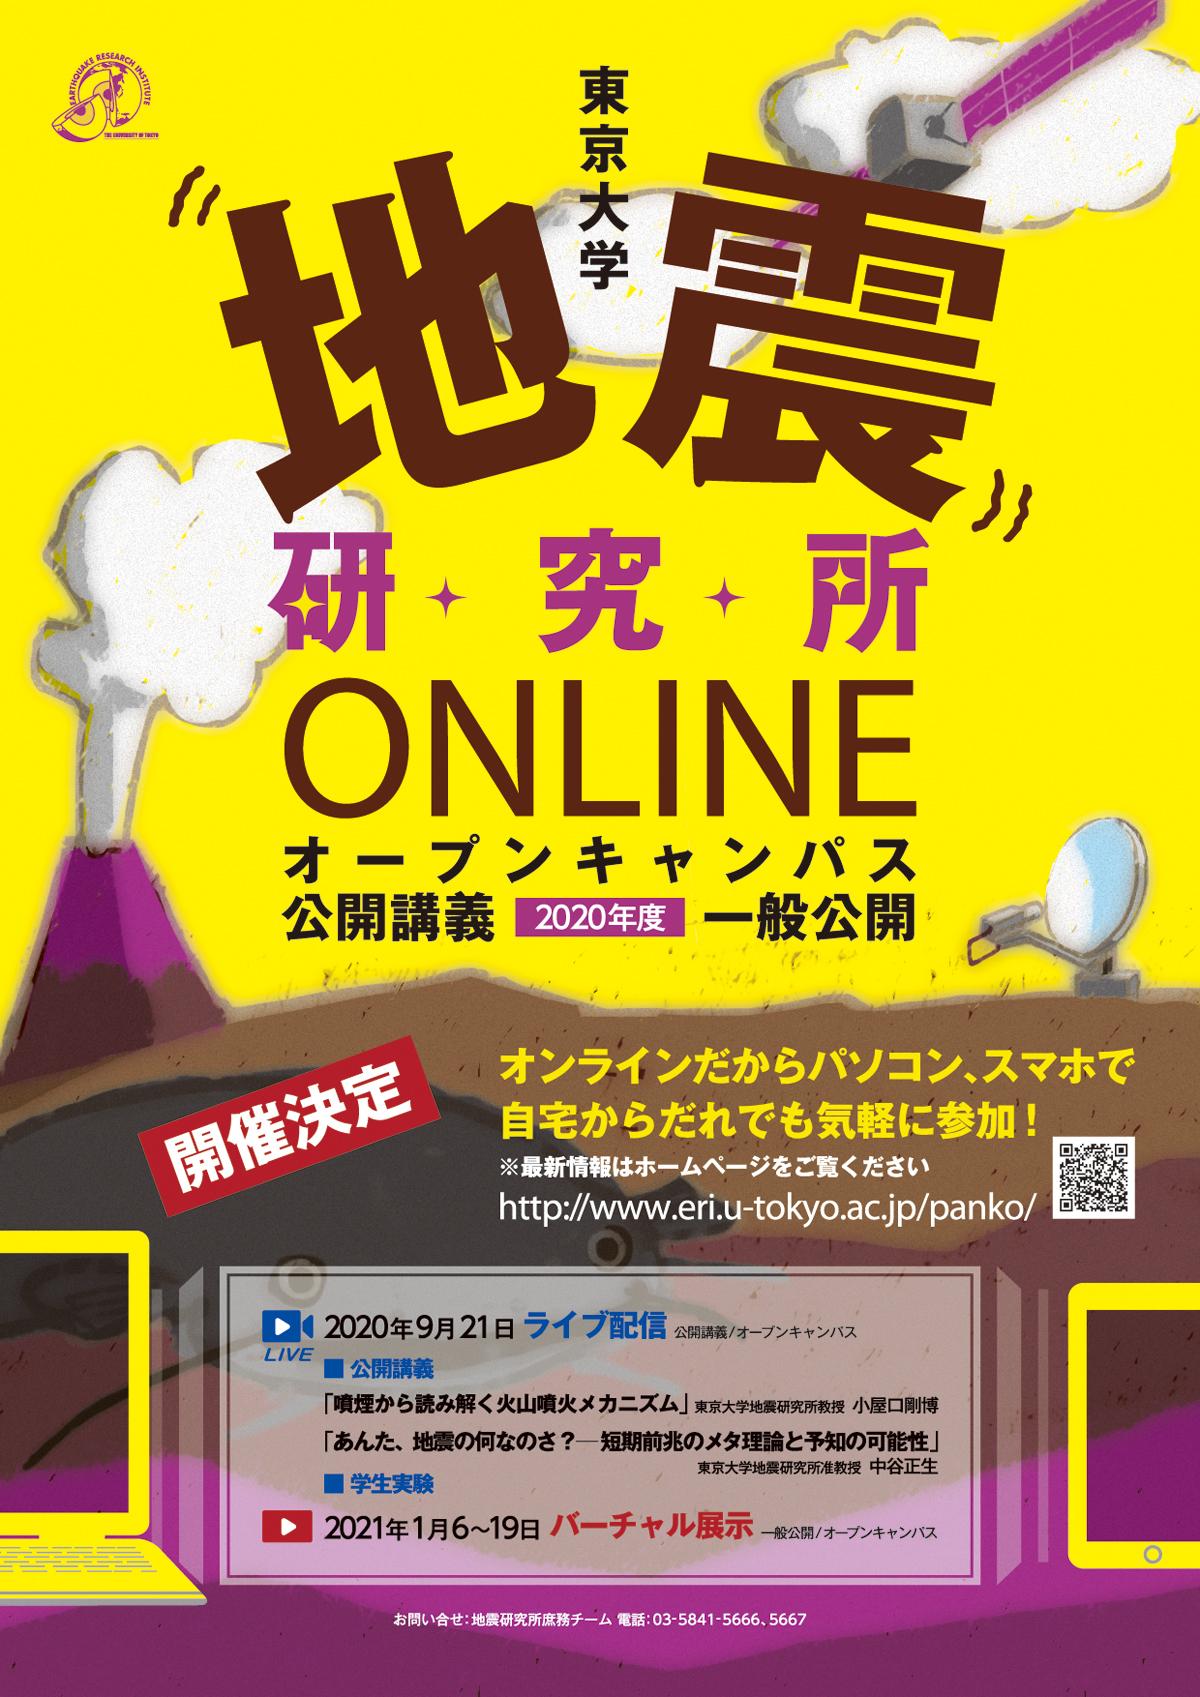 【2021年1月6-19日オンライン開催・地震研究所一般公開〈 バーチャル展示〉】